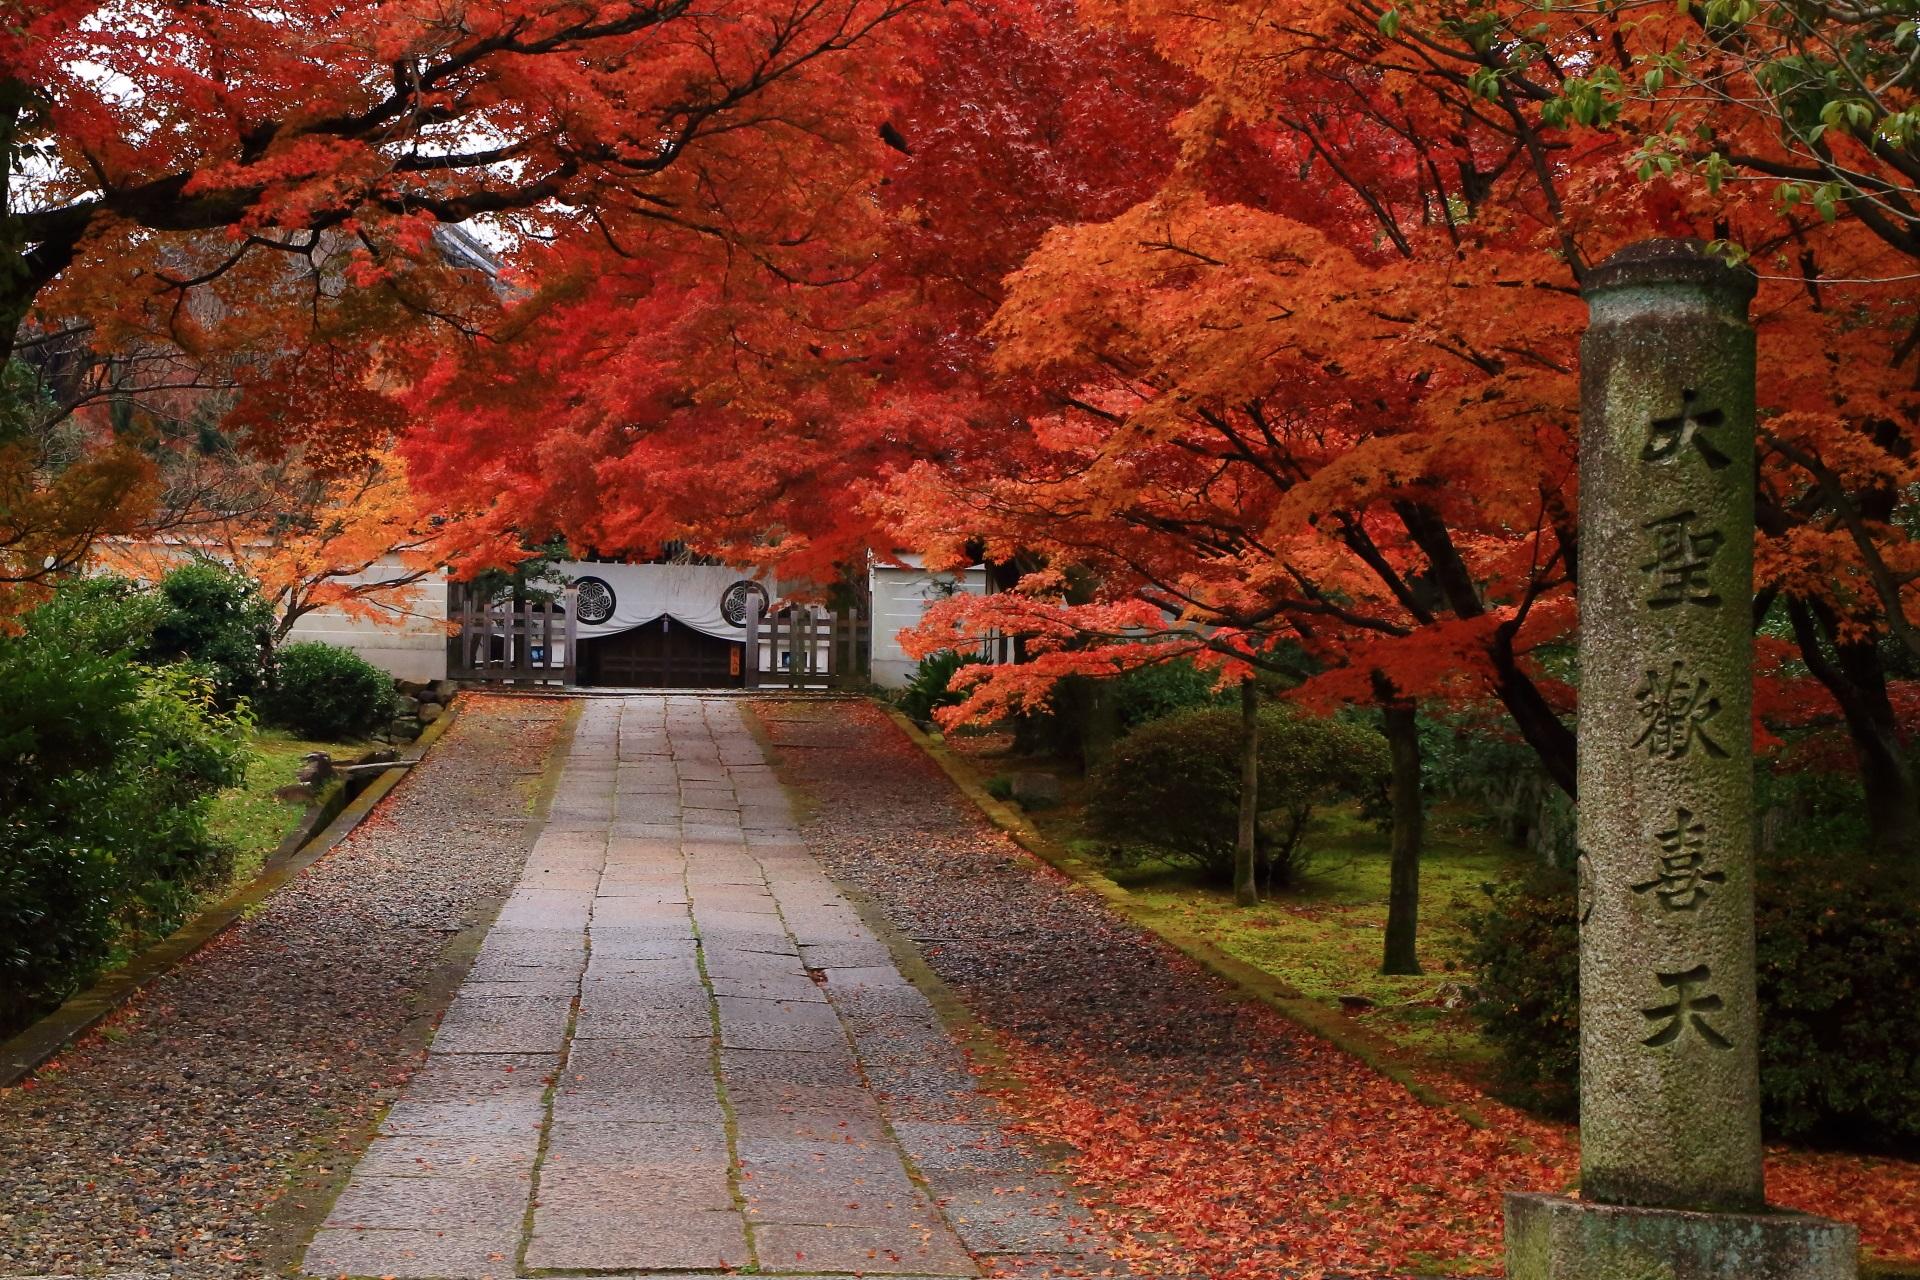 養源院の大聖歓喜天の石柱と溢れる紅葉